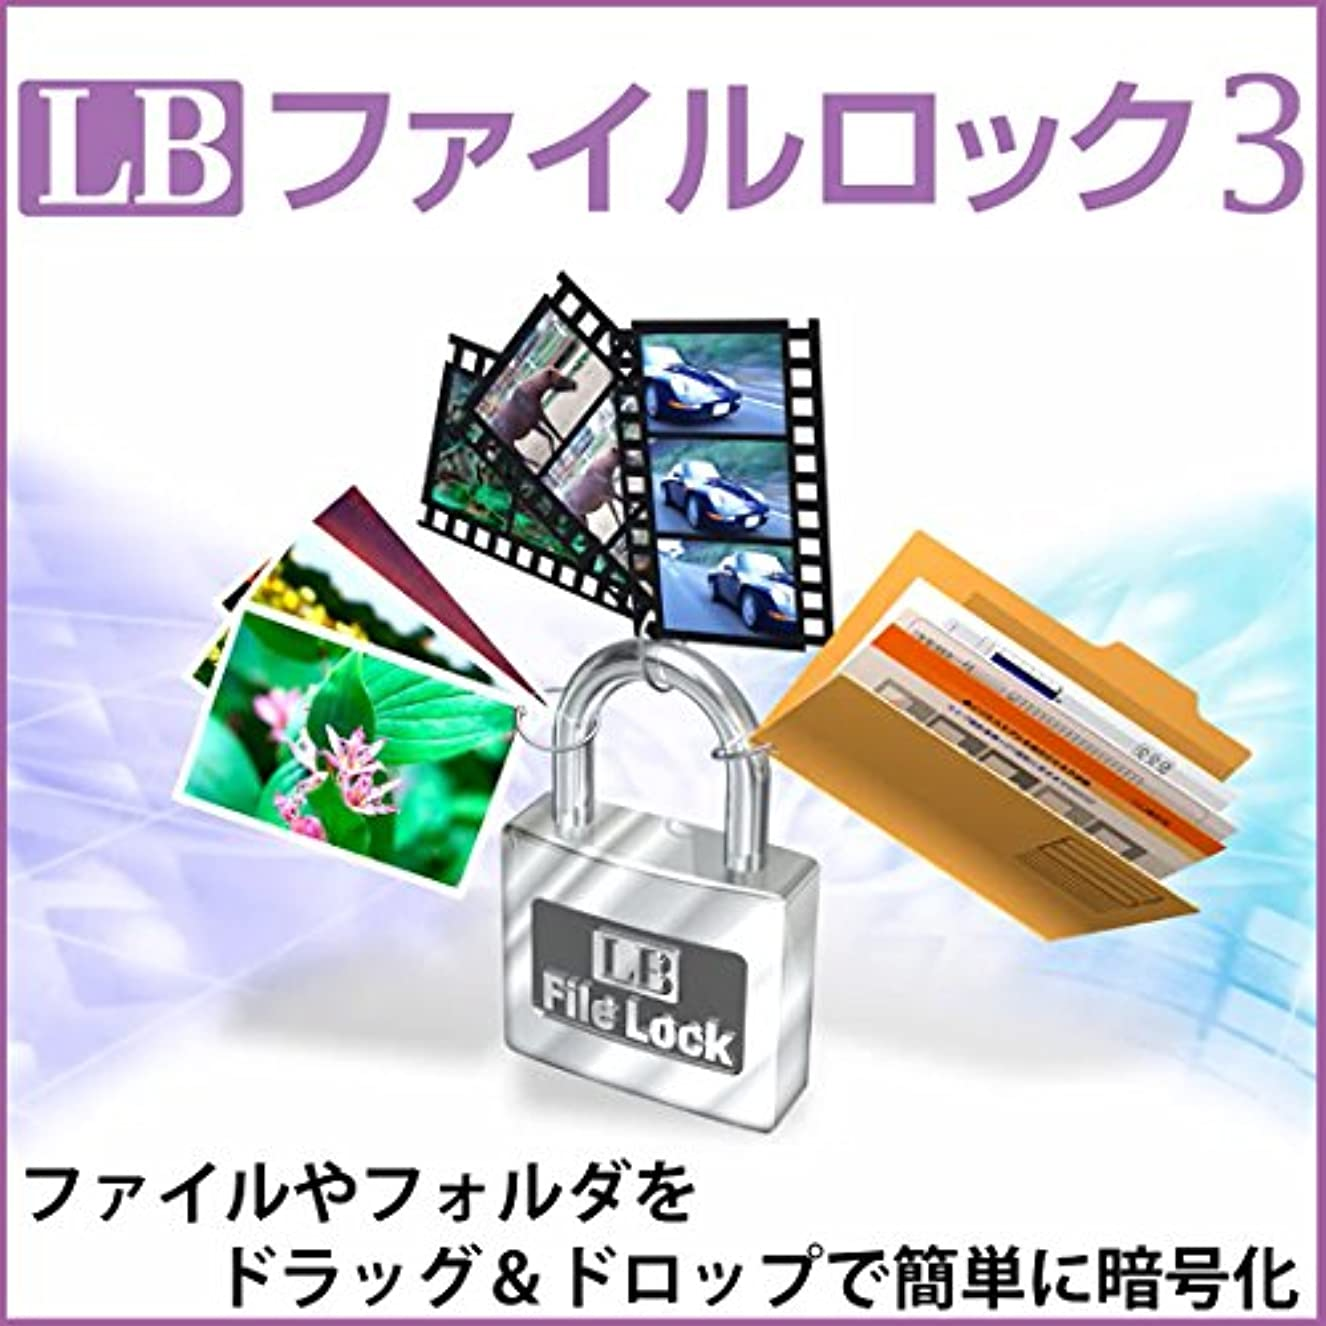 細い批判的コアLB ファイルロック3 ダウンロード版